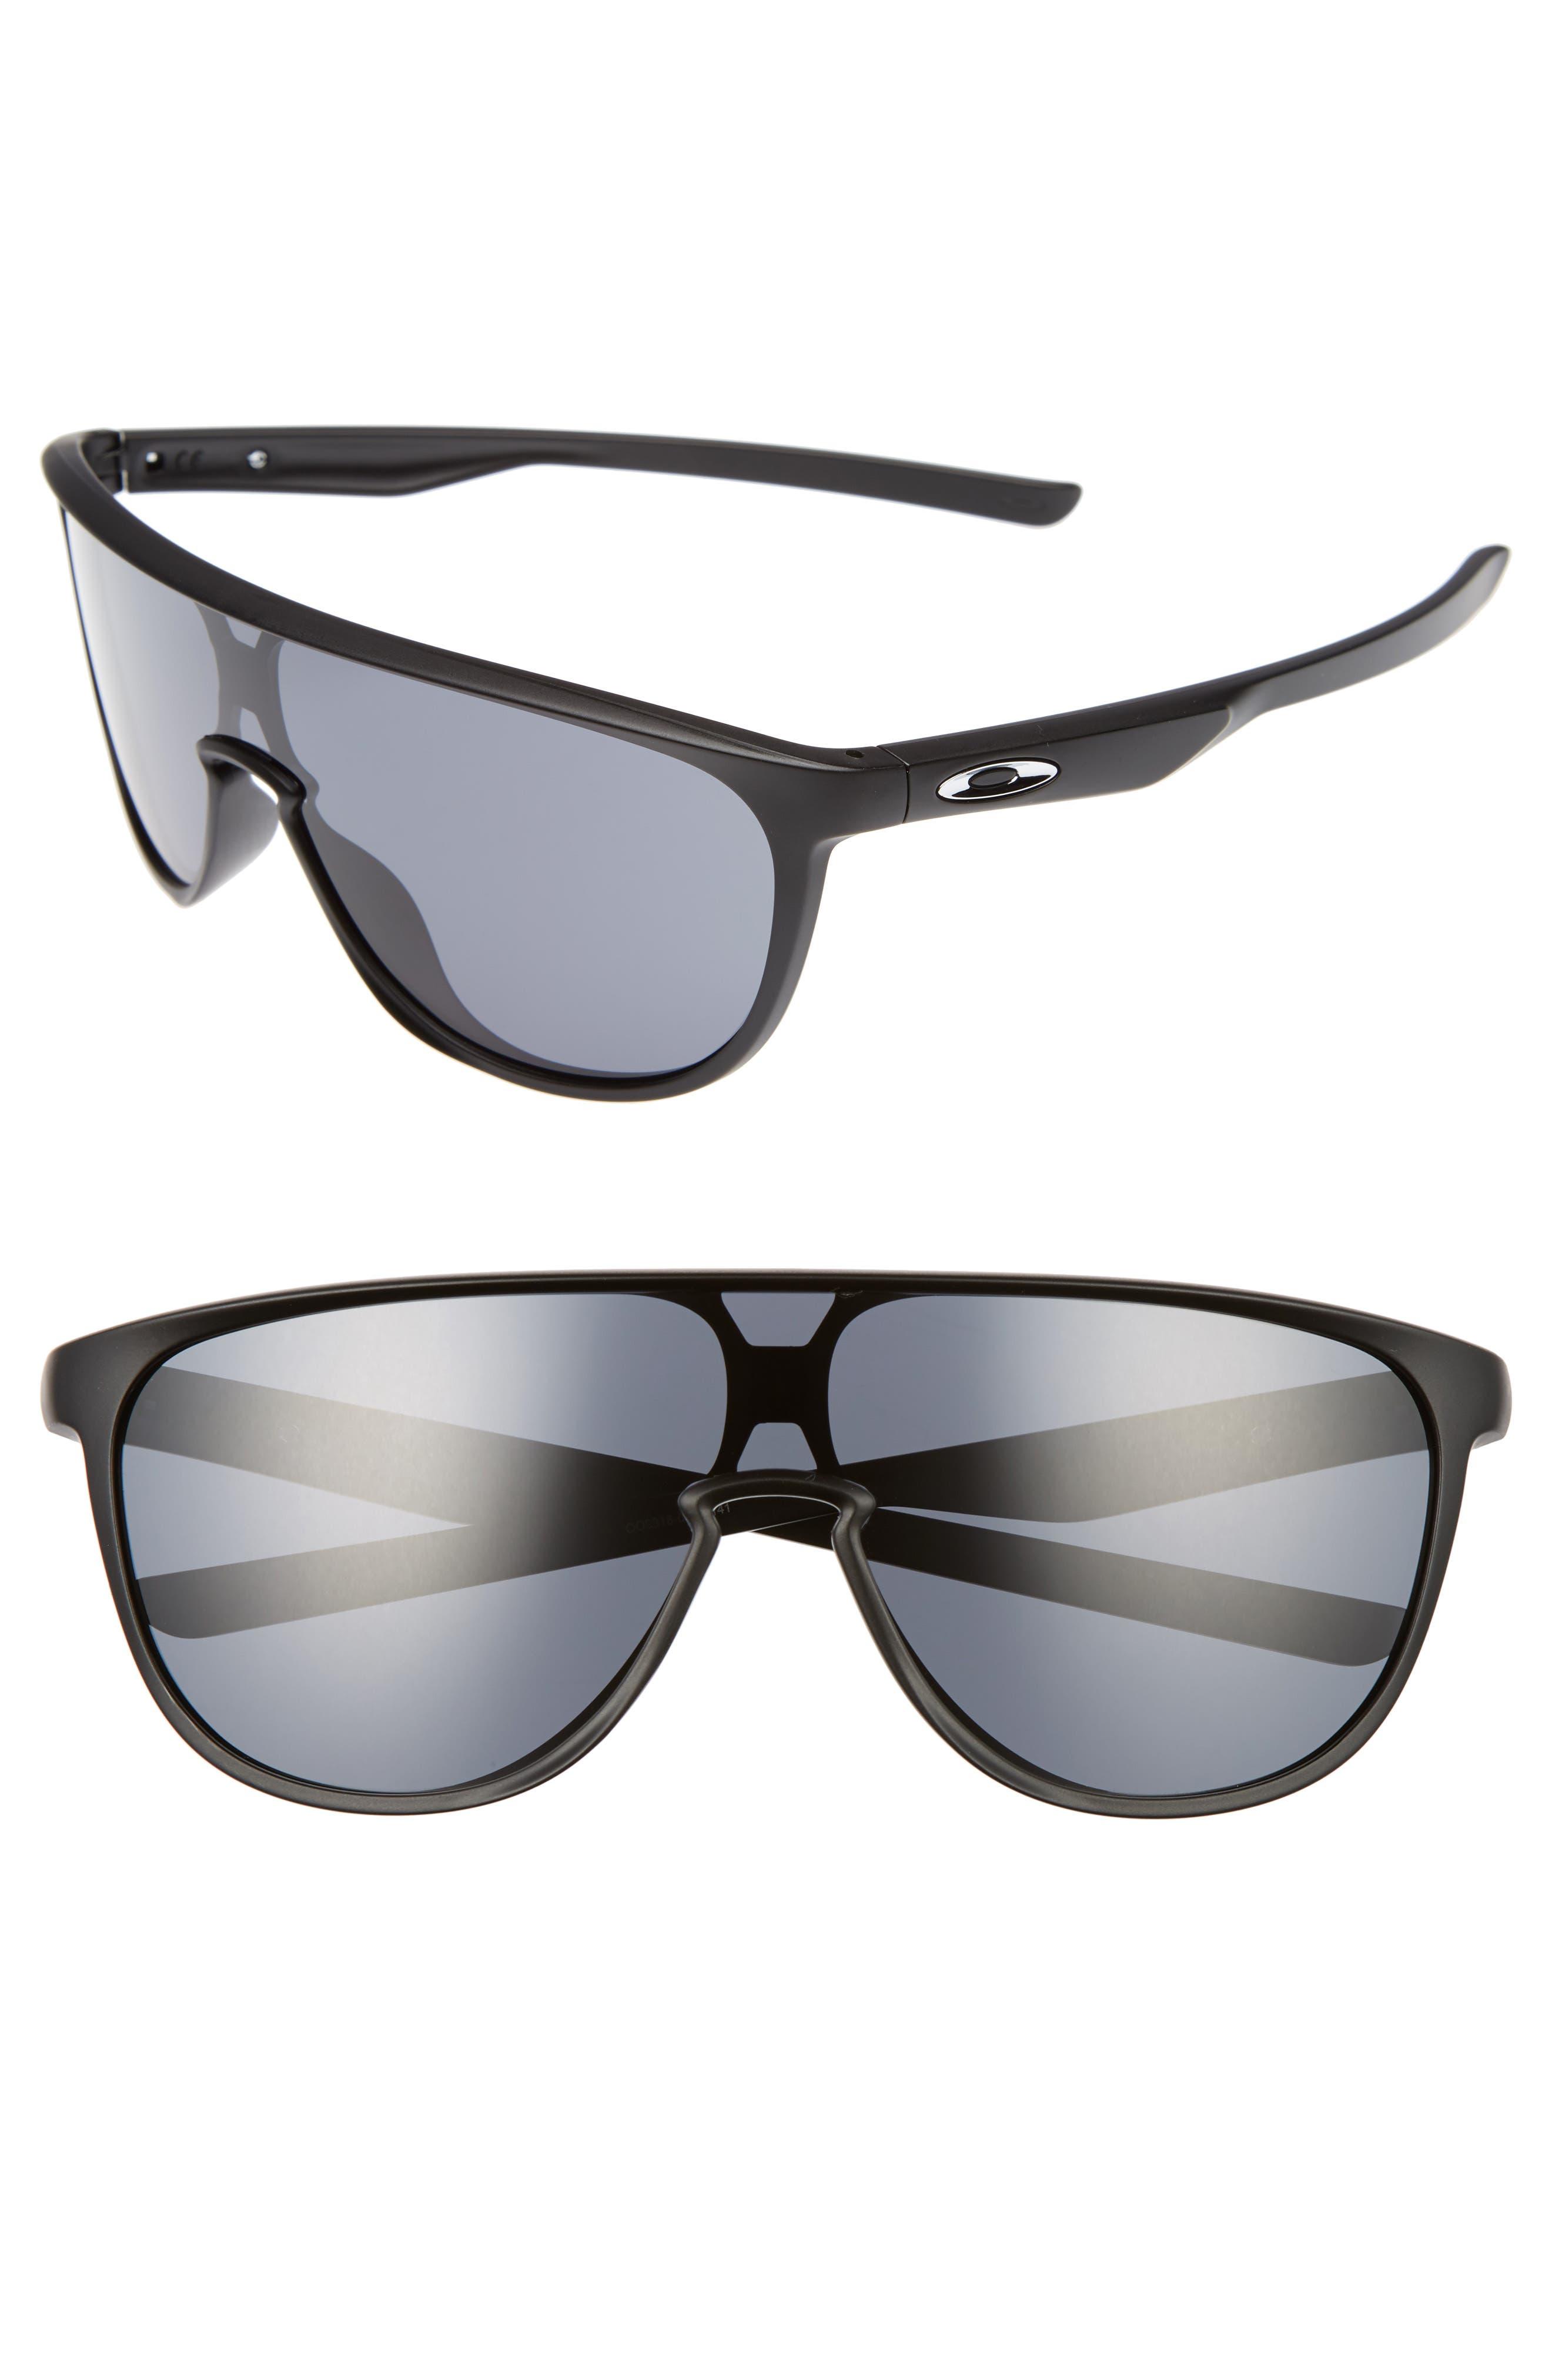 Trillbe 140mm Shield Sunglasses,                         Main,                         color, 001